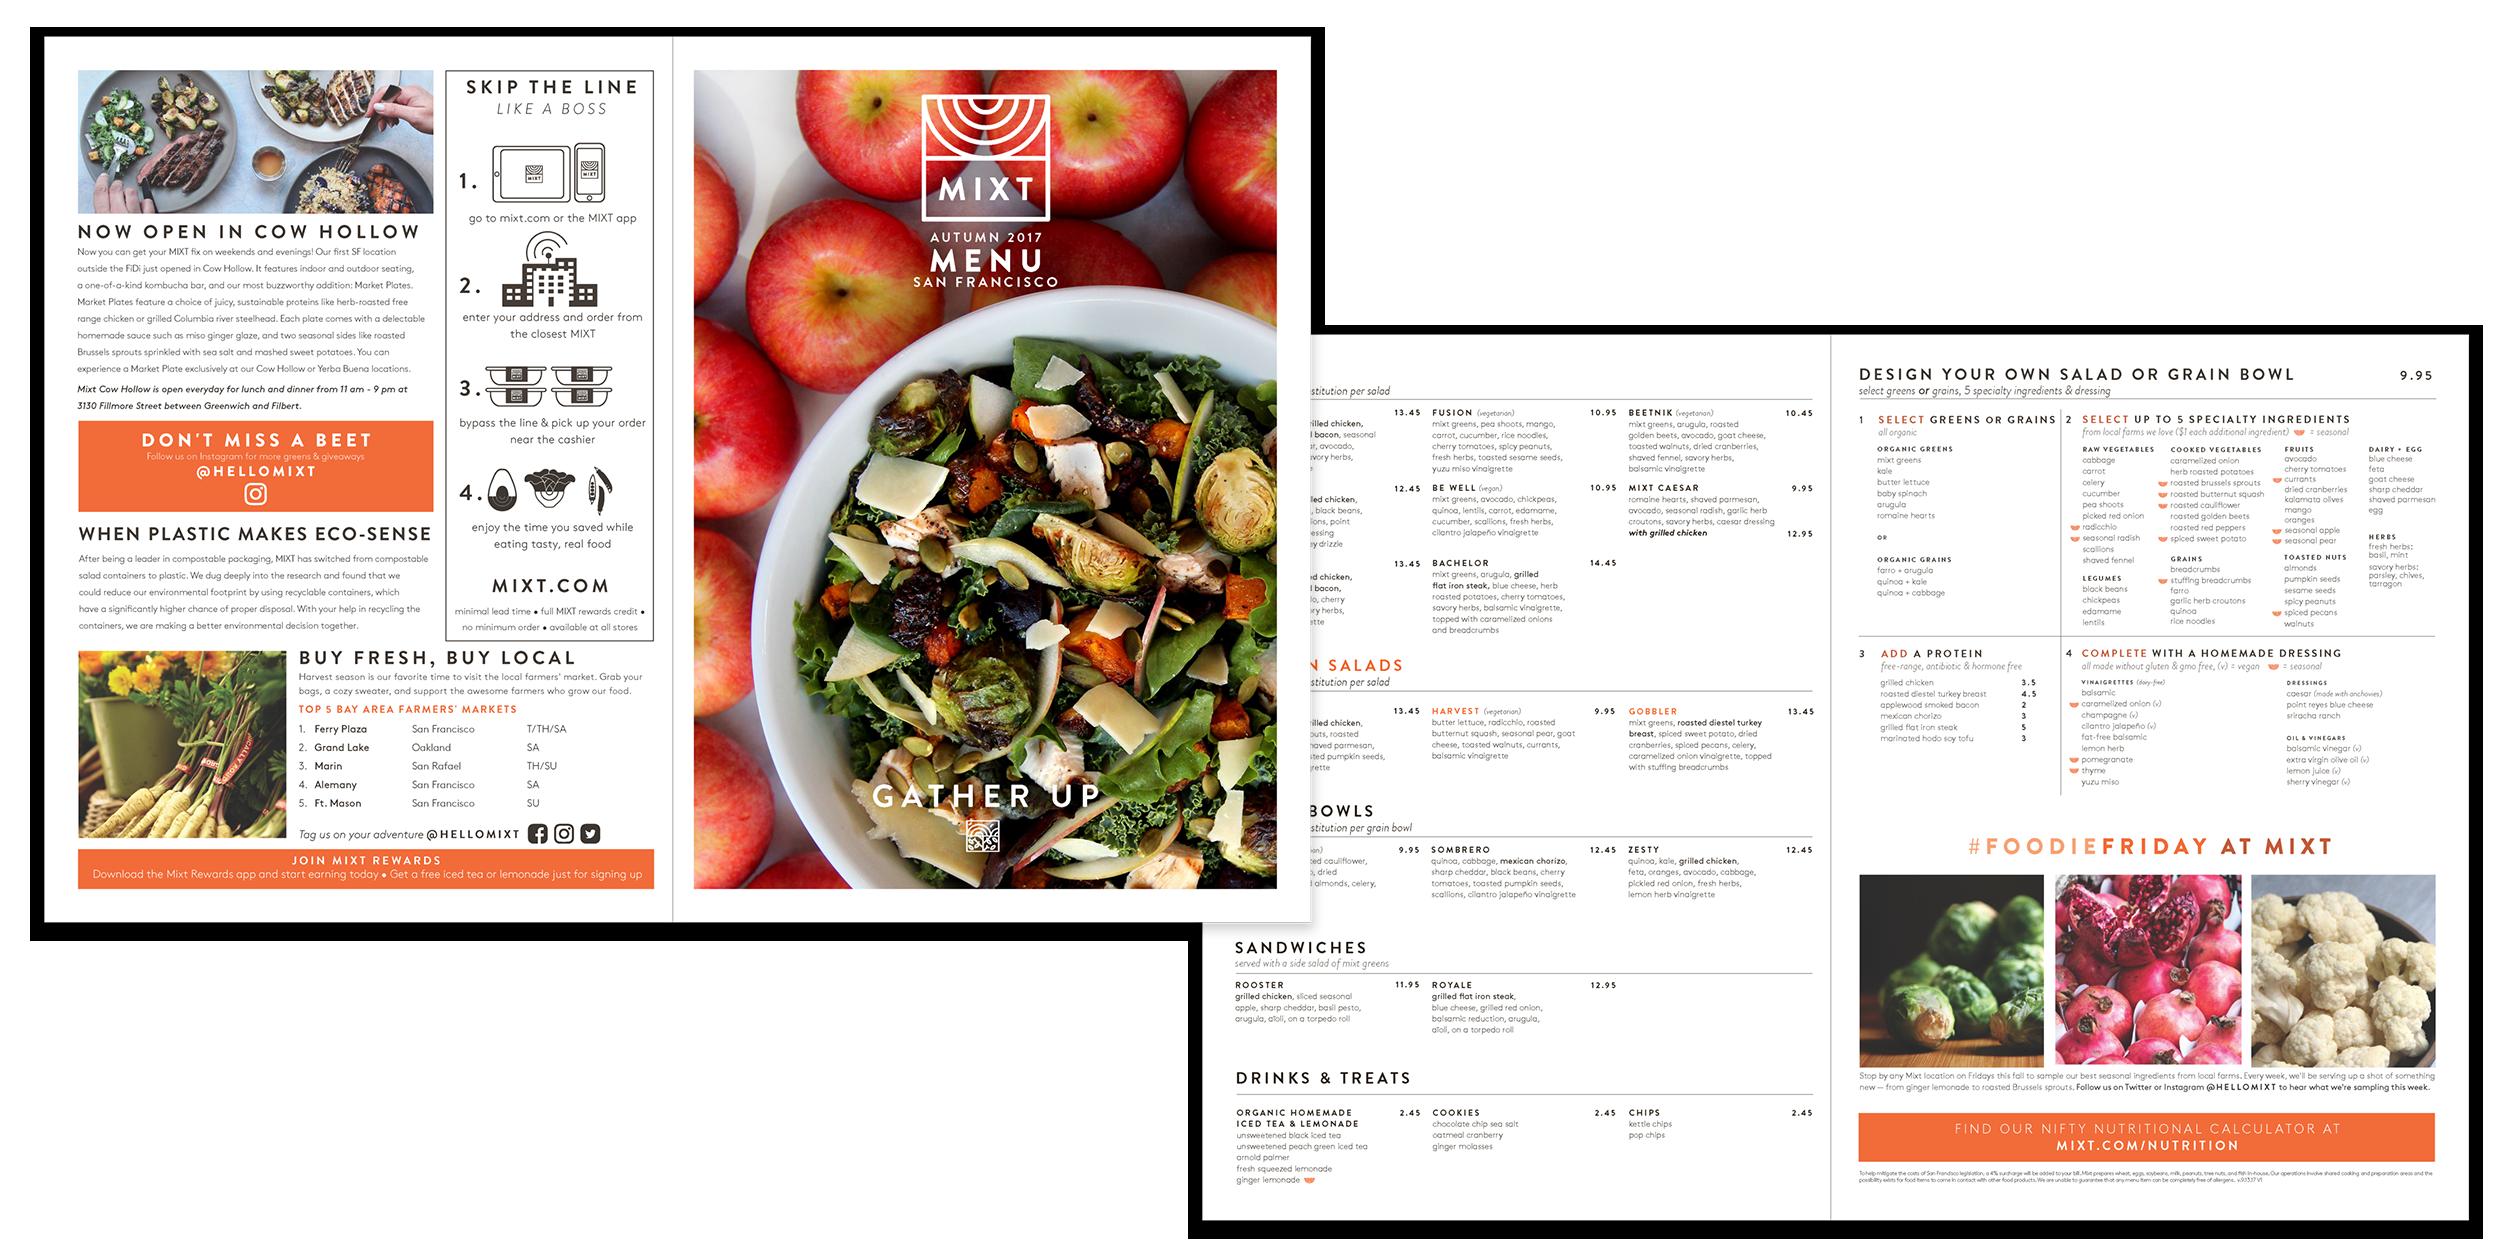 mixt_print_menu.png